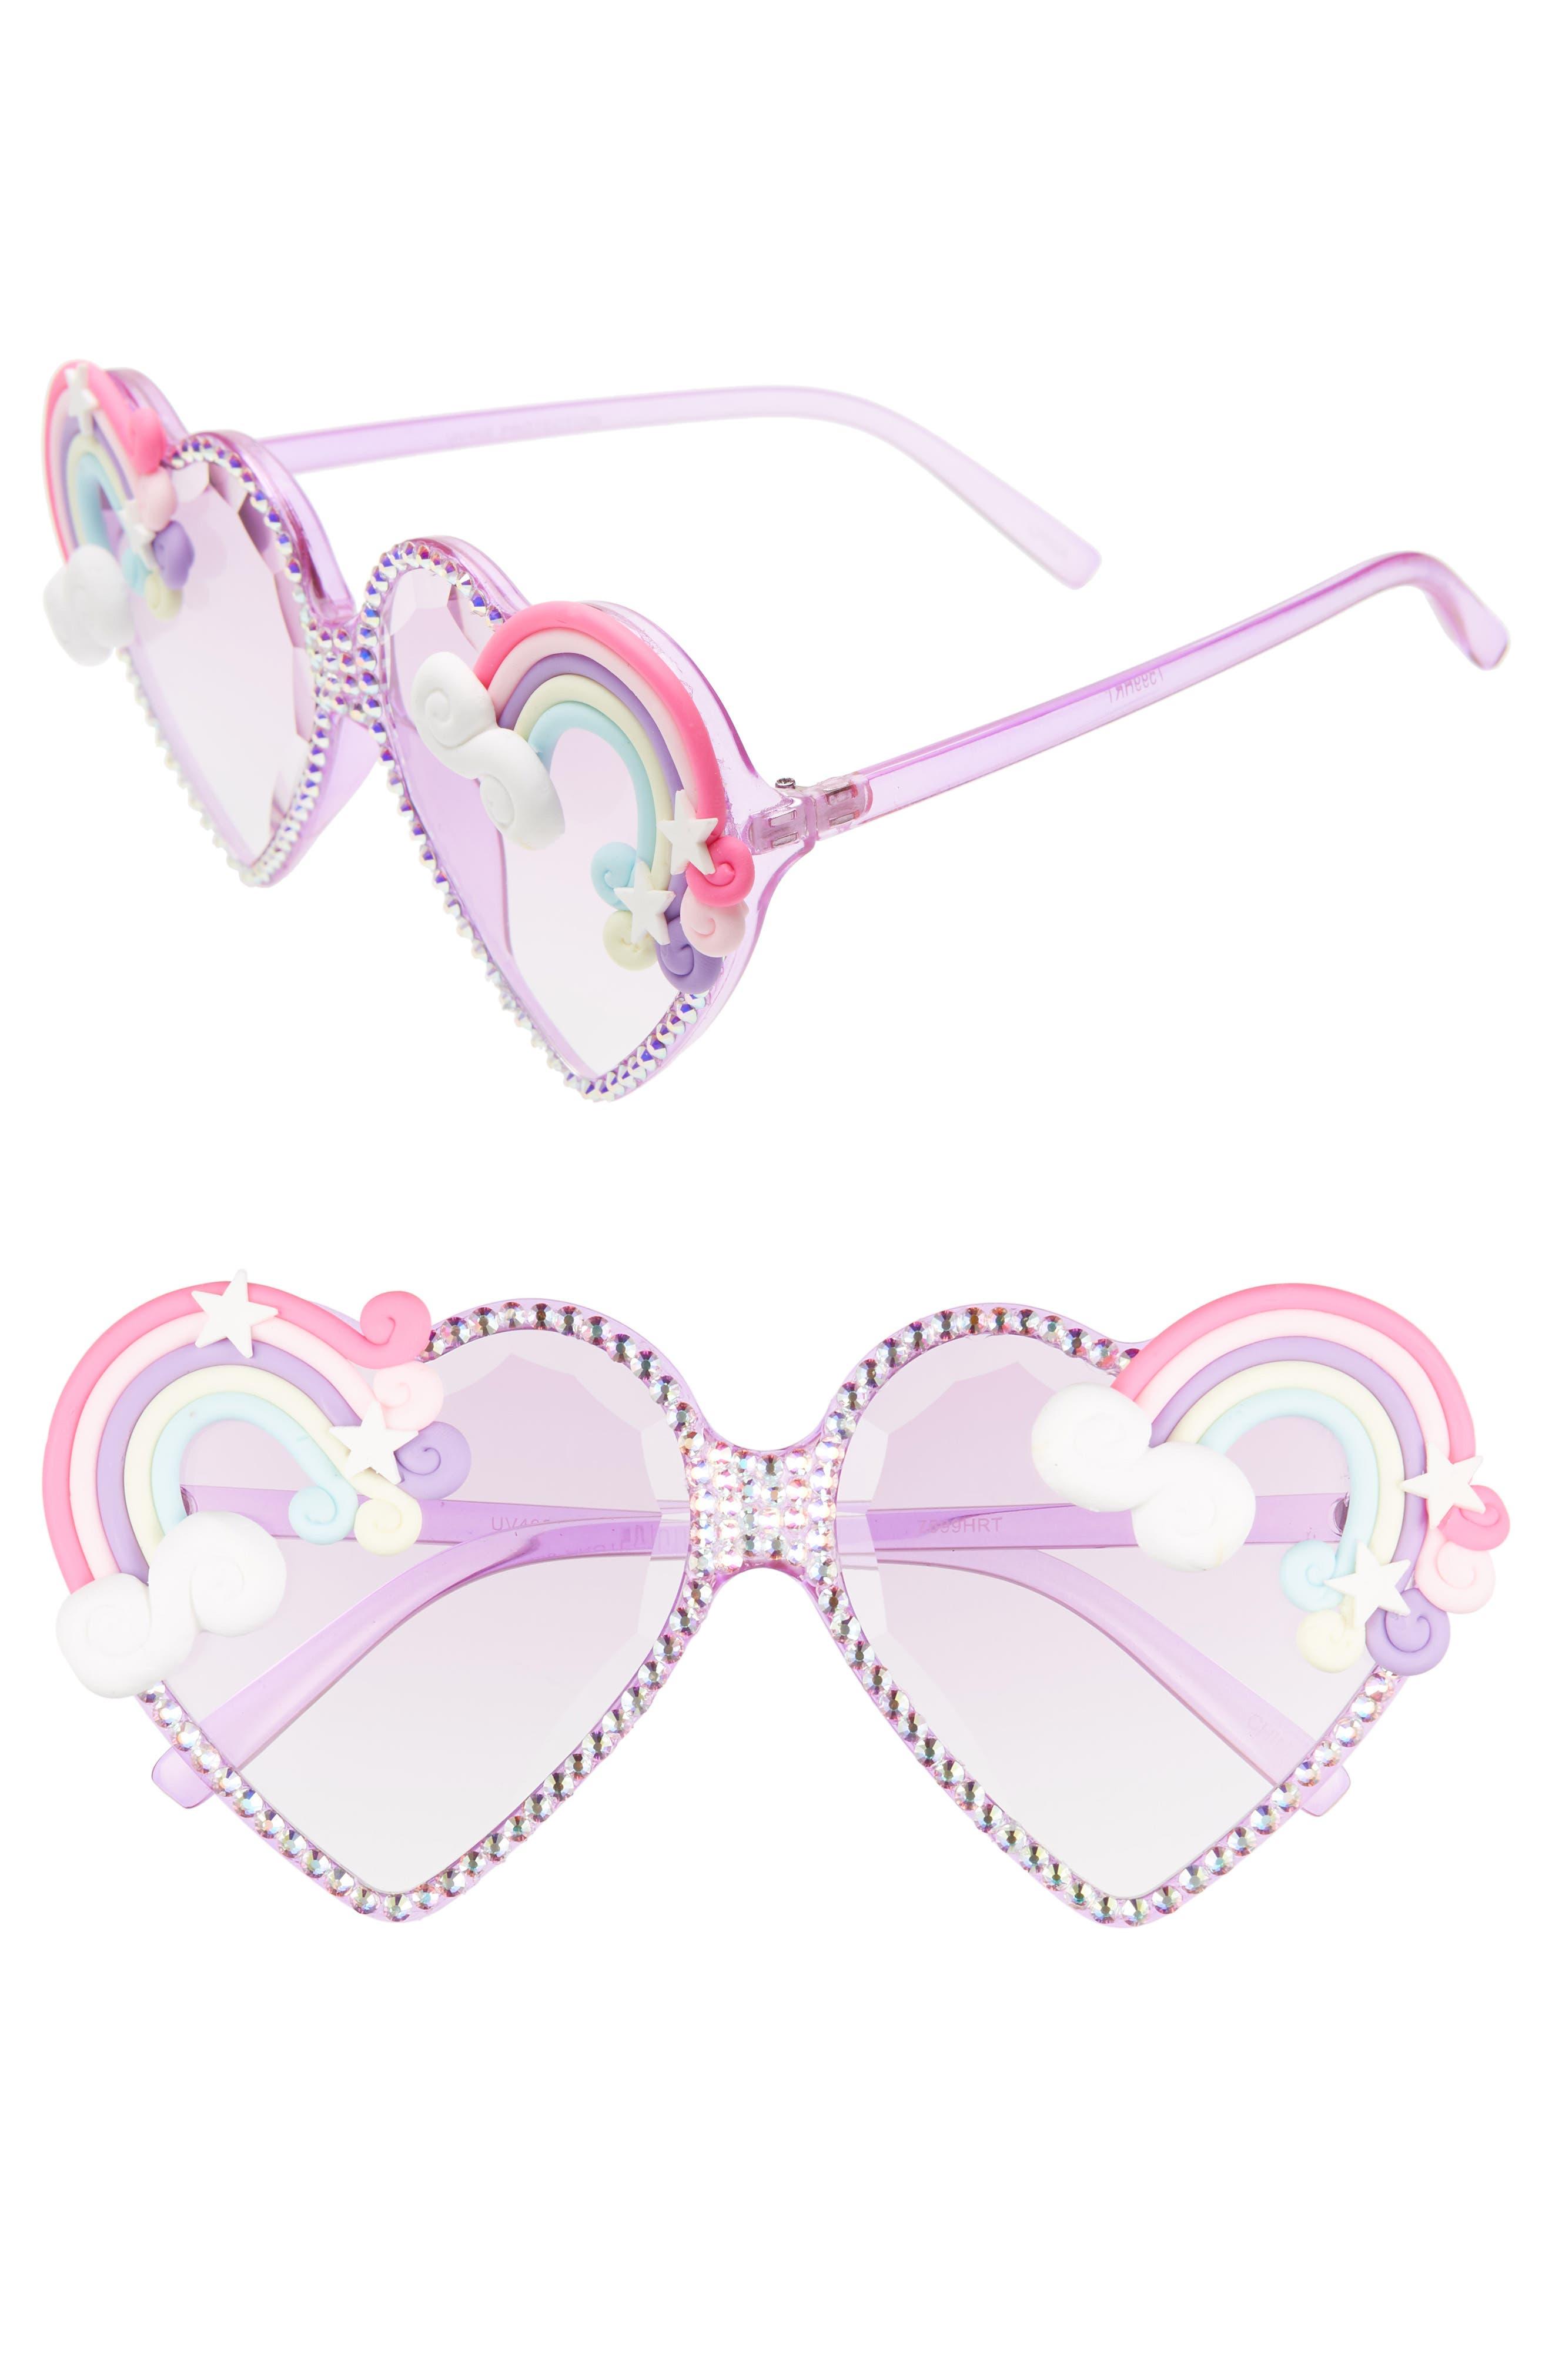 Rad + Refined Rainbow Heart Sunglasses - Rainbow/ Multi